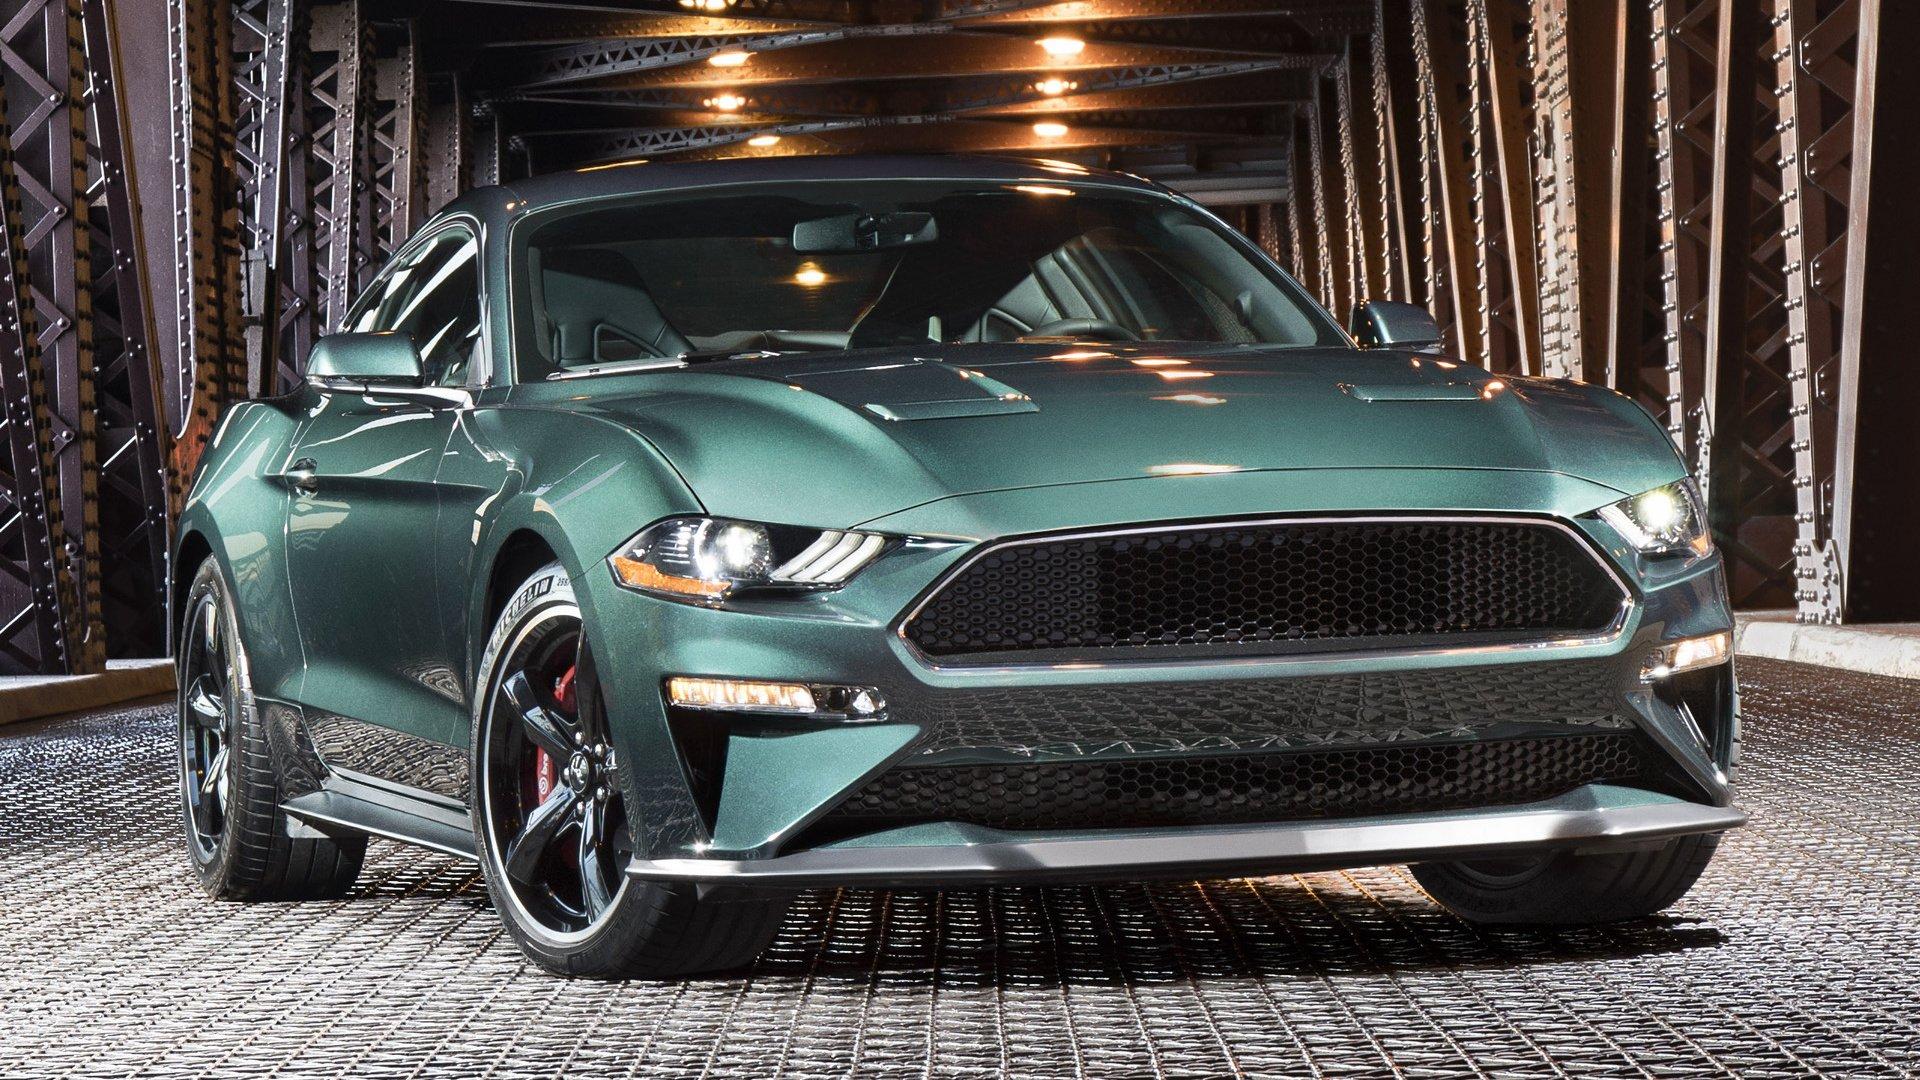 2019 Ford Mustang Bullitt HD Wallpaper | Background Image ...